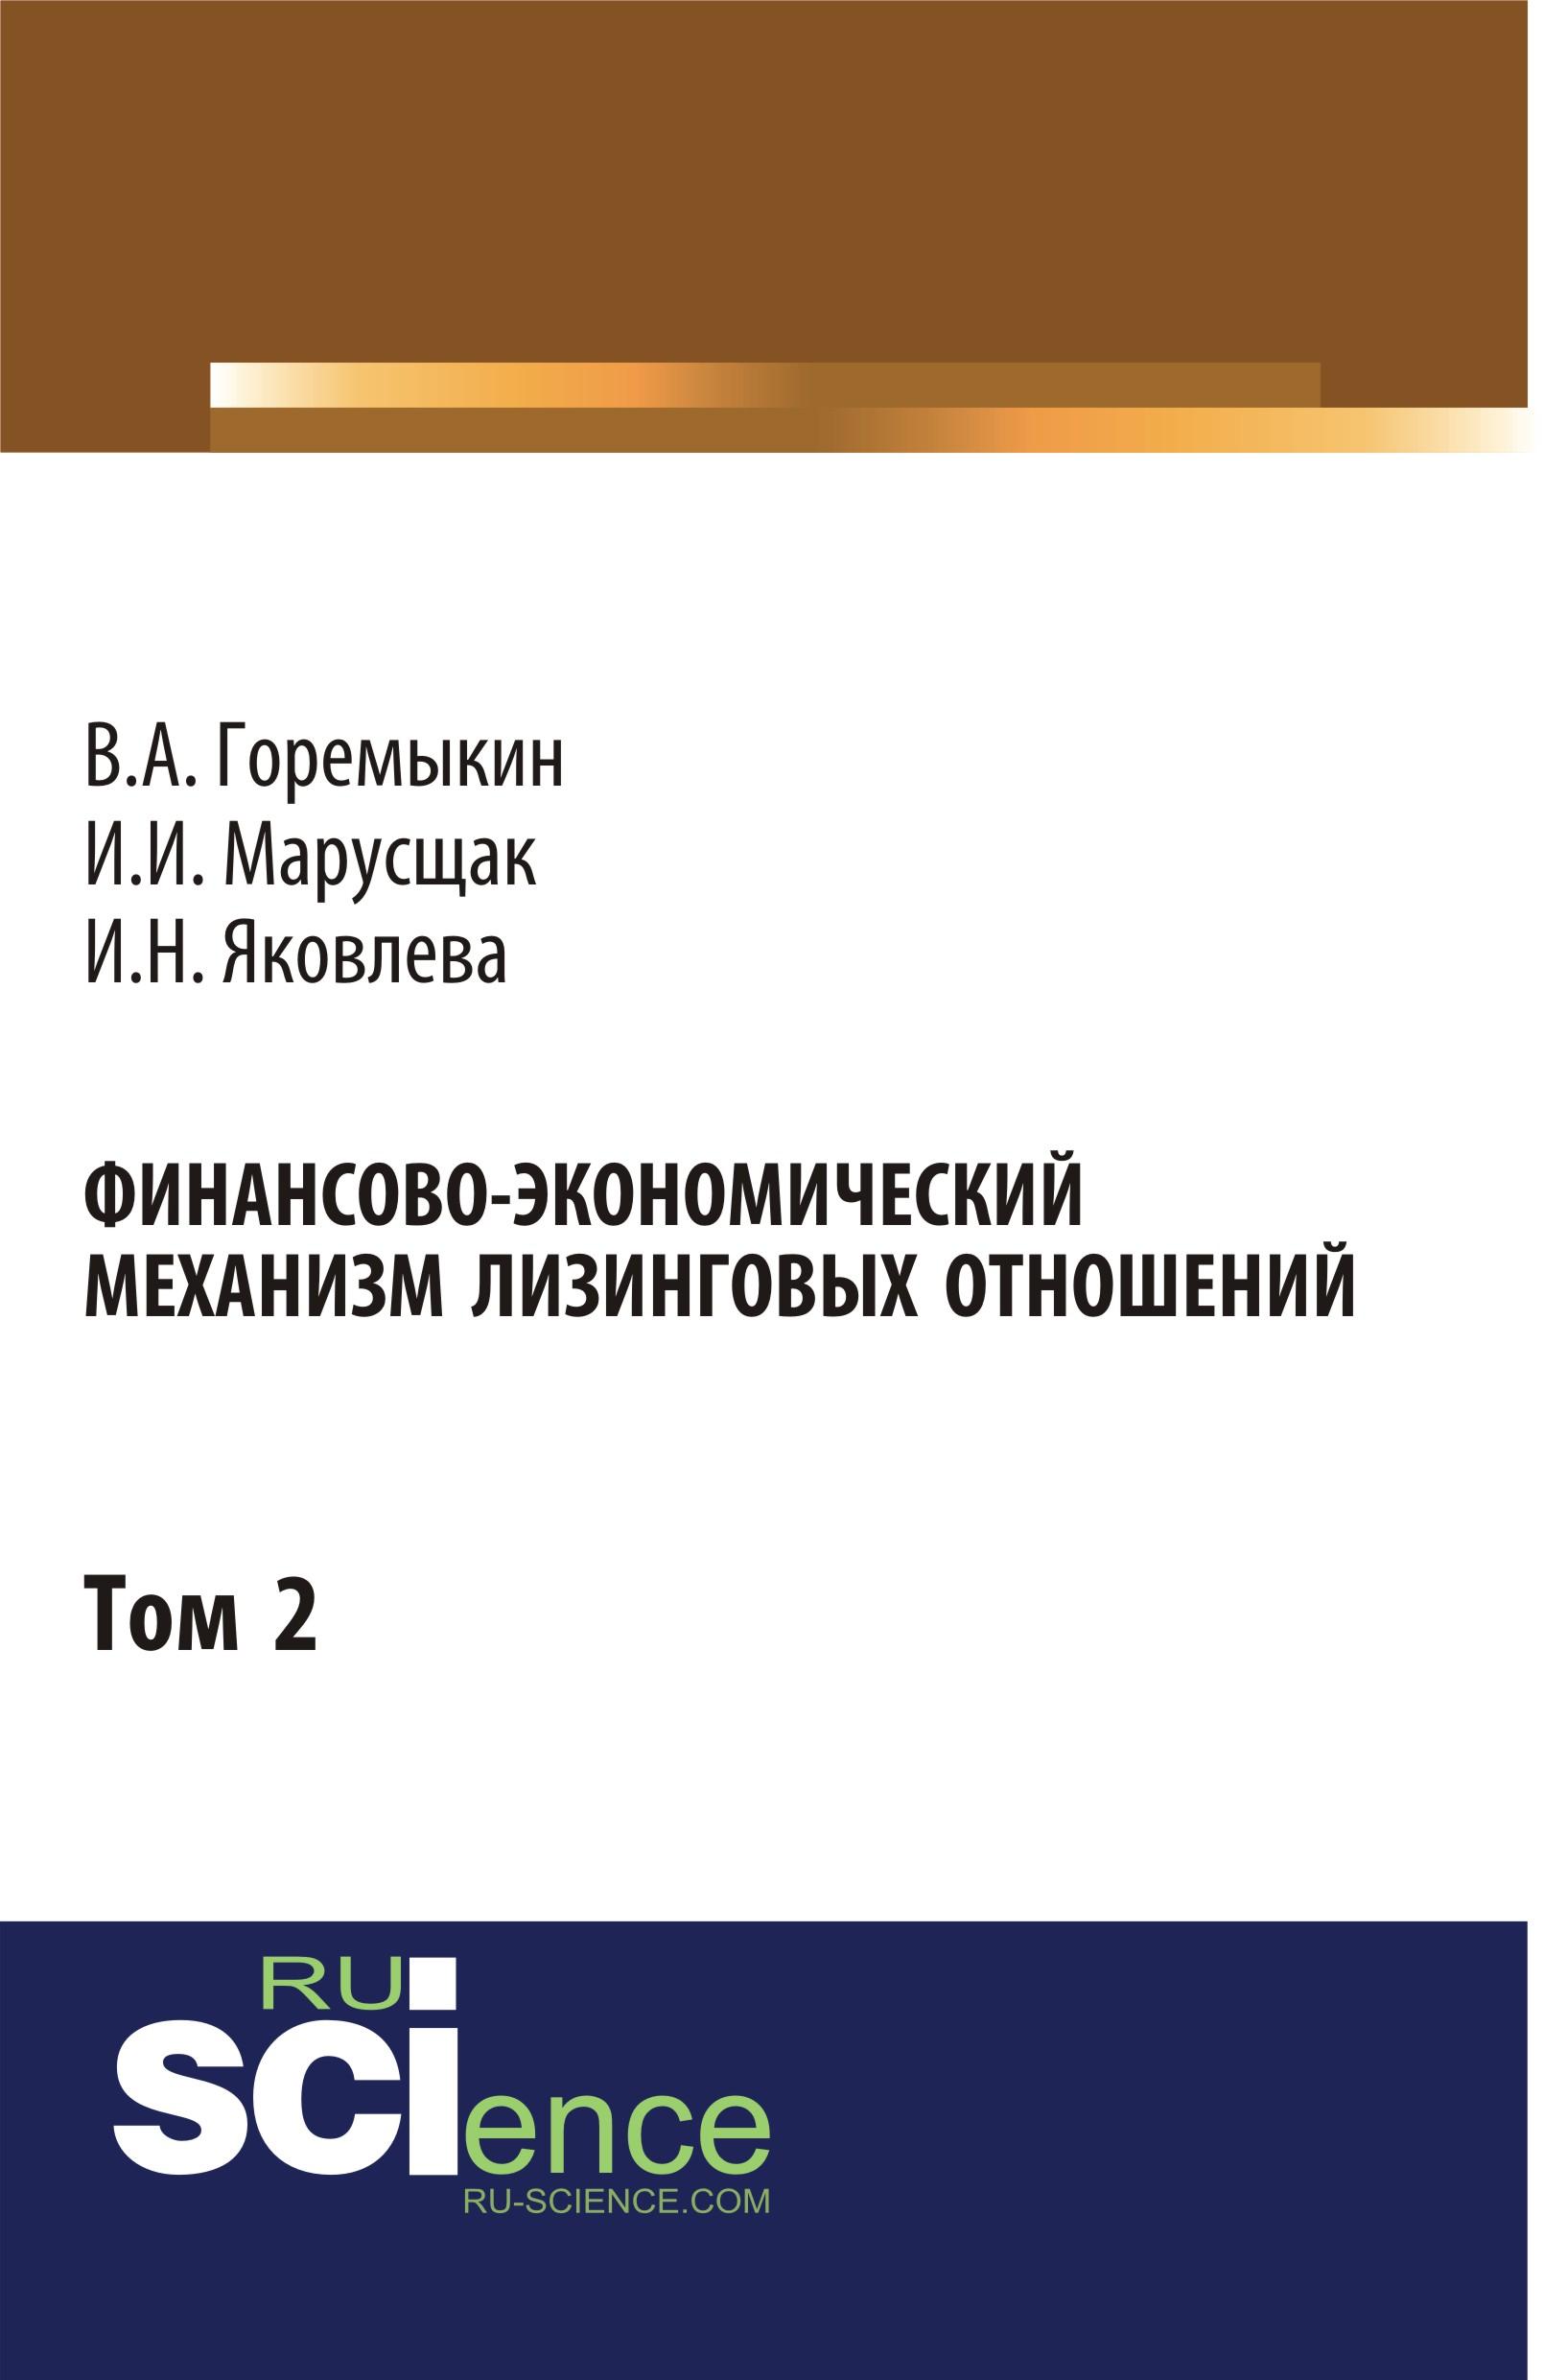 Финансово-экономический механизм лизинговых отношений. Том 2